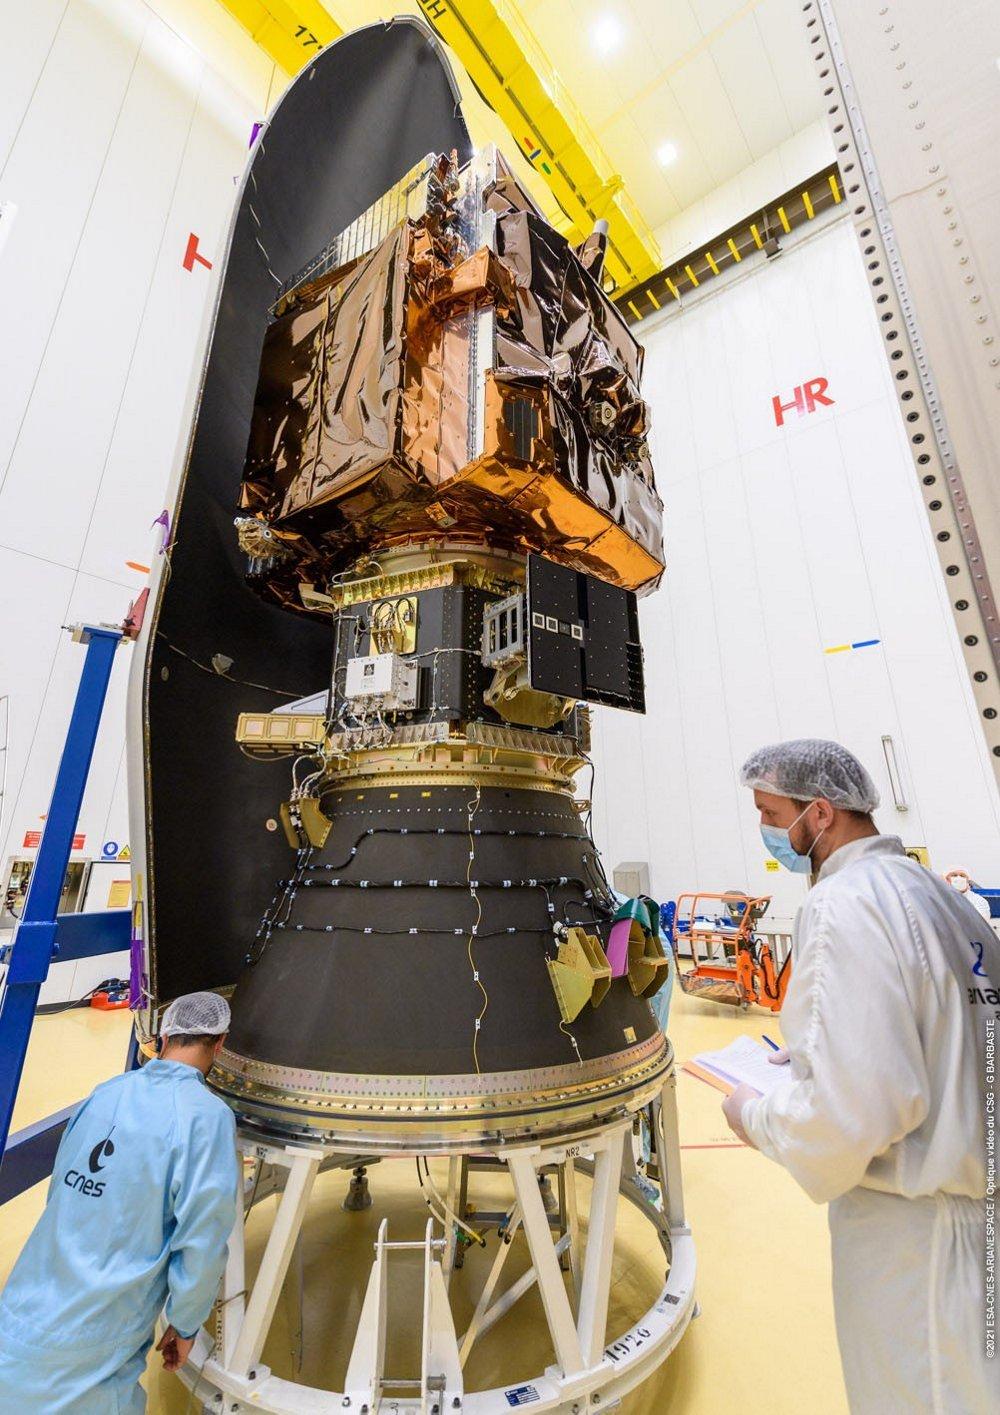 Encapsulation of Pléiades Neo 3 in VEGA's fairing © 2021 ESA-CNES-Arianespace/ Optique video du CSG – G. Barbaste